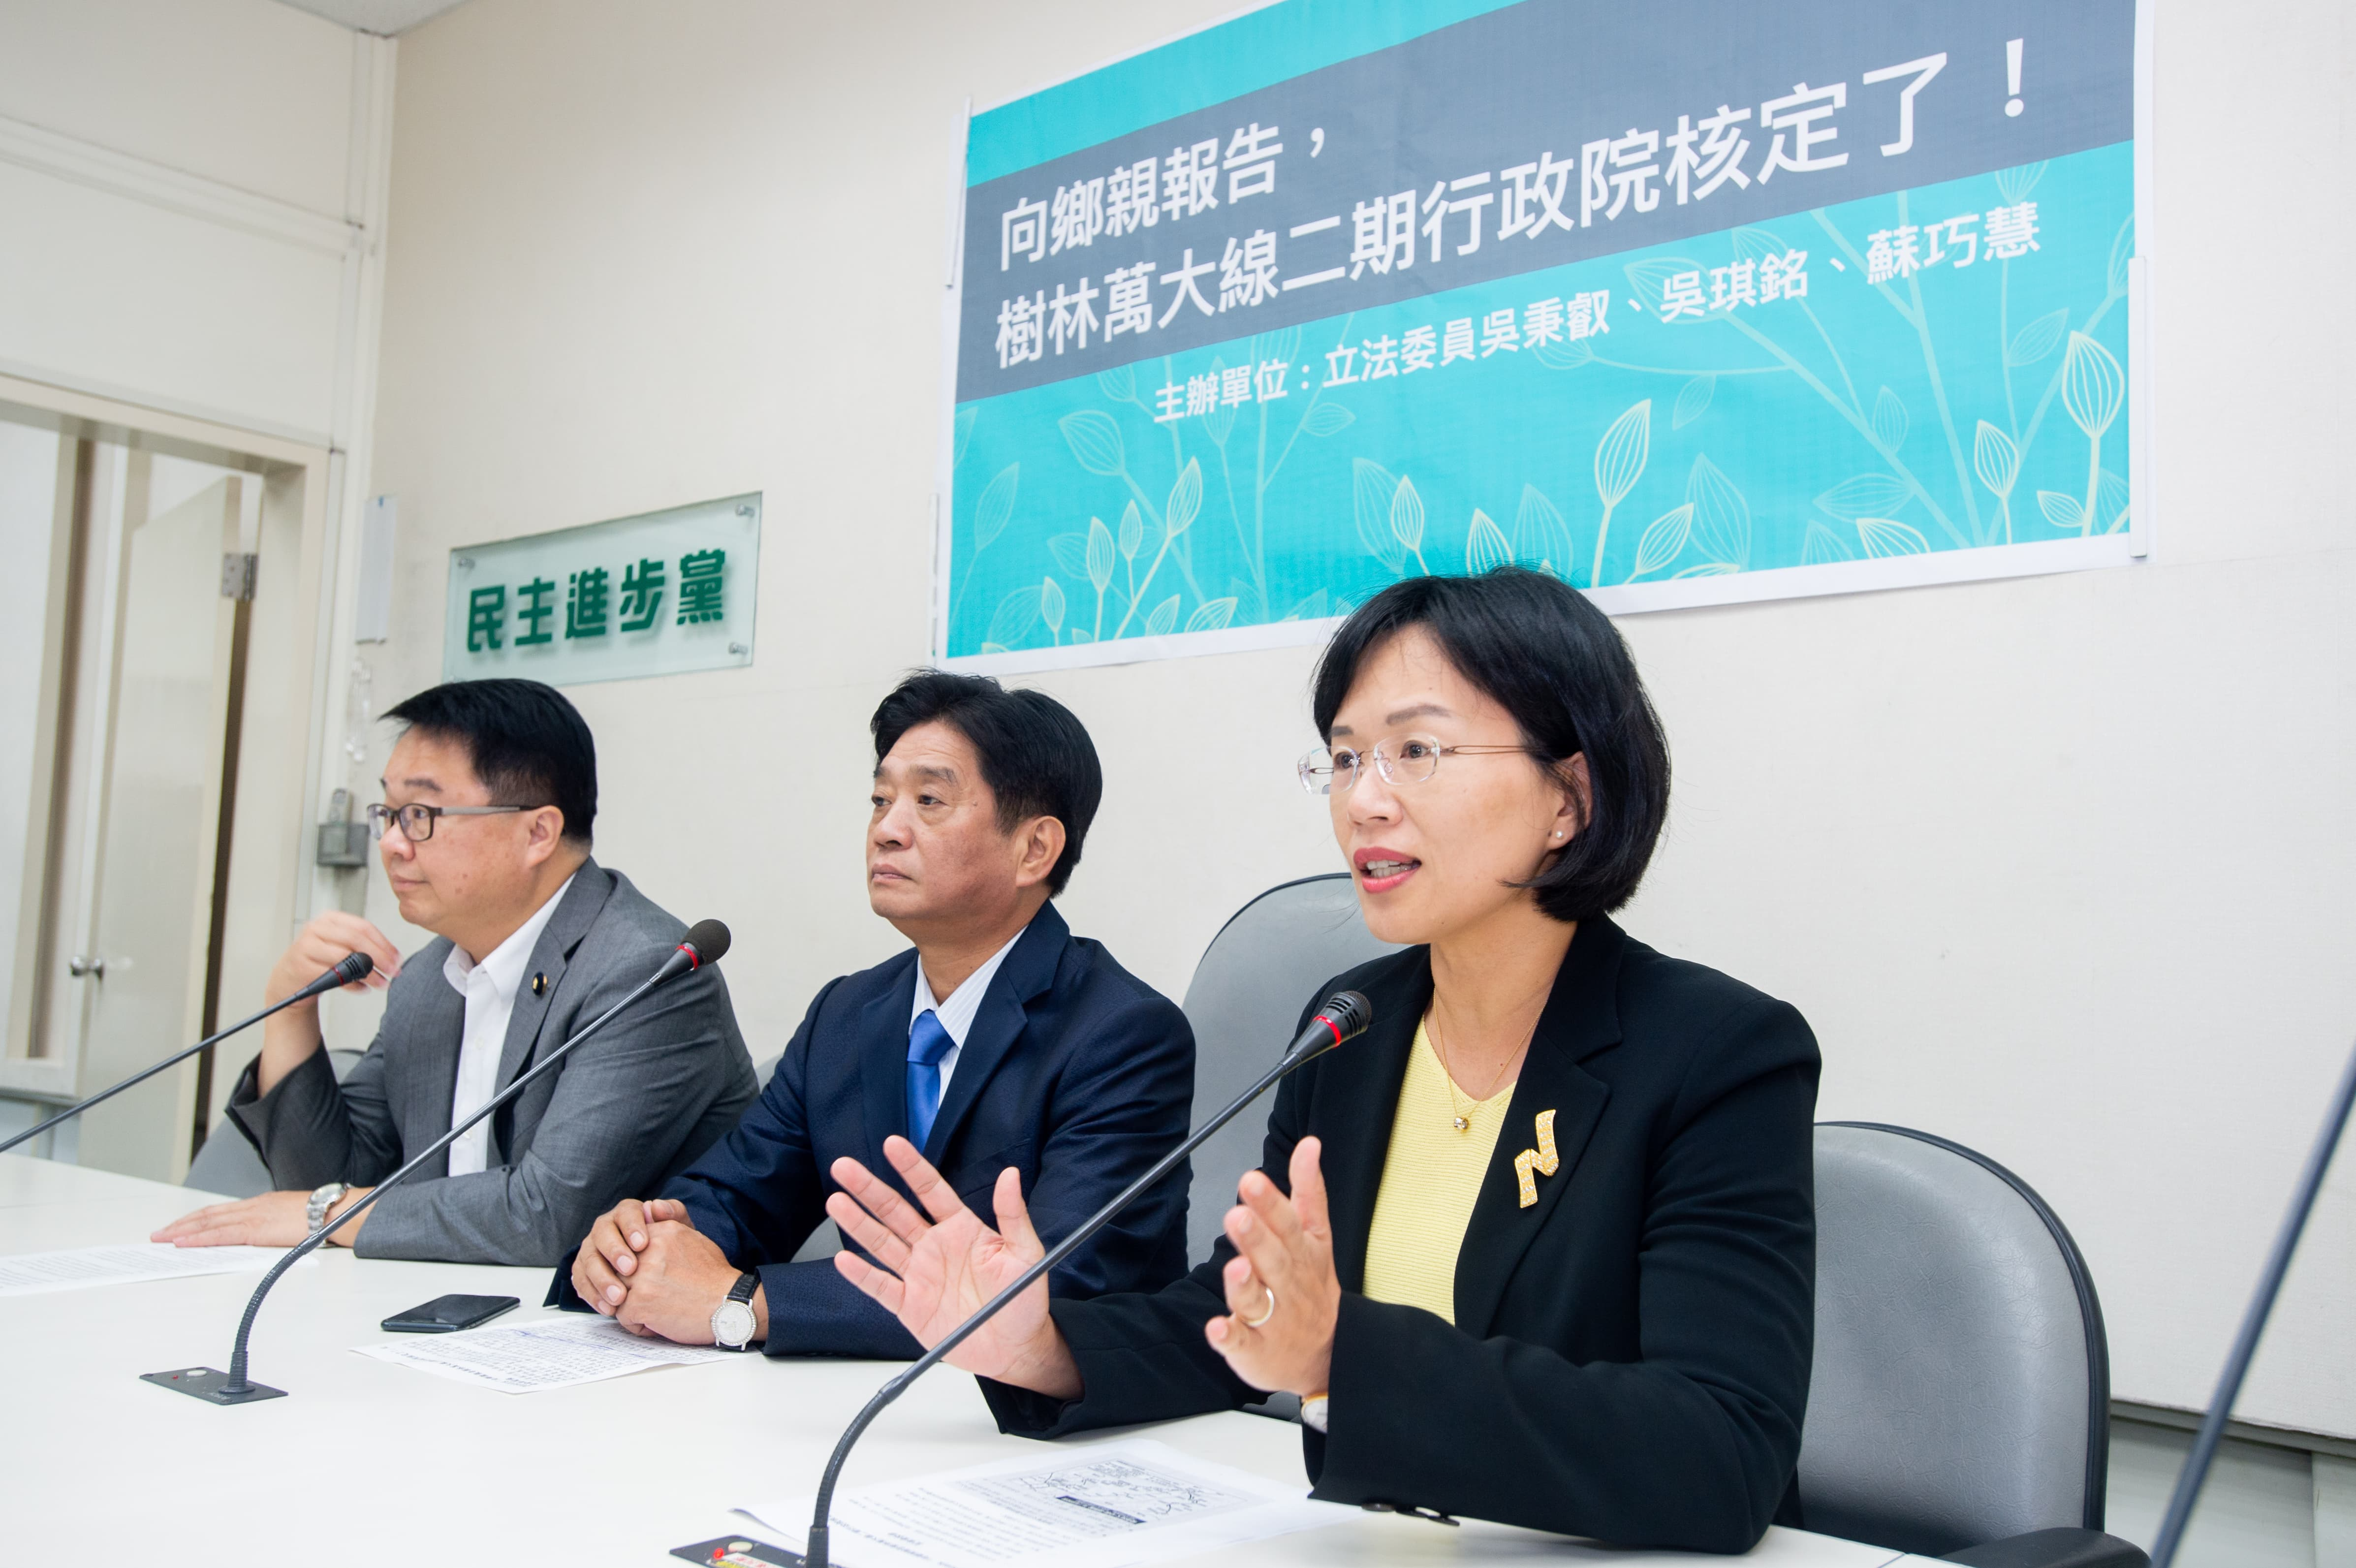 20181018 向鄉親報告樹林萬大線二期行政院核定了黨團記者會 (3) 2